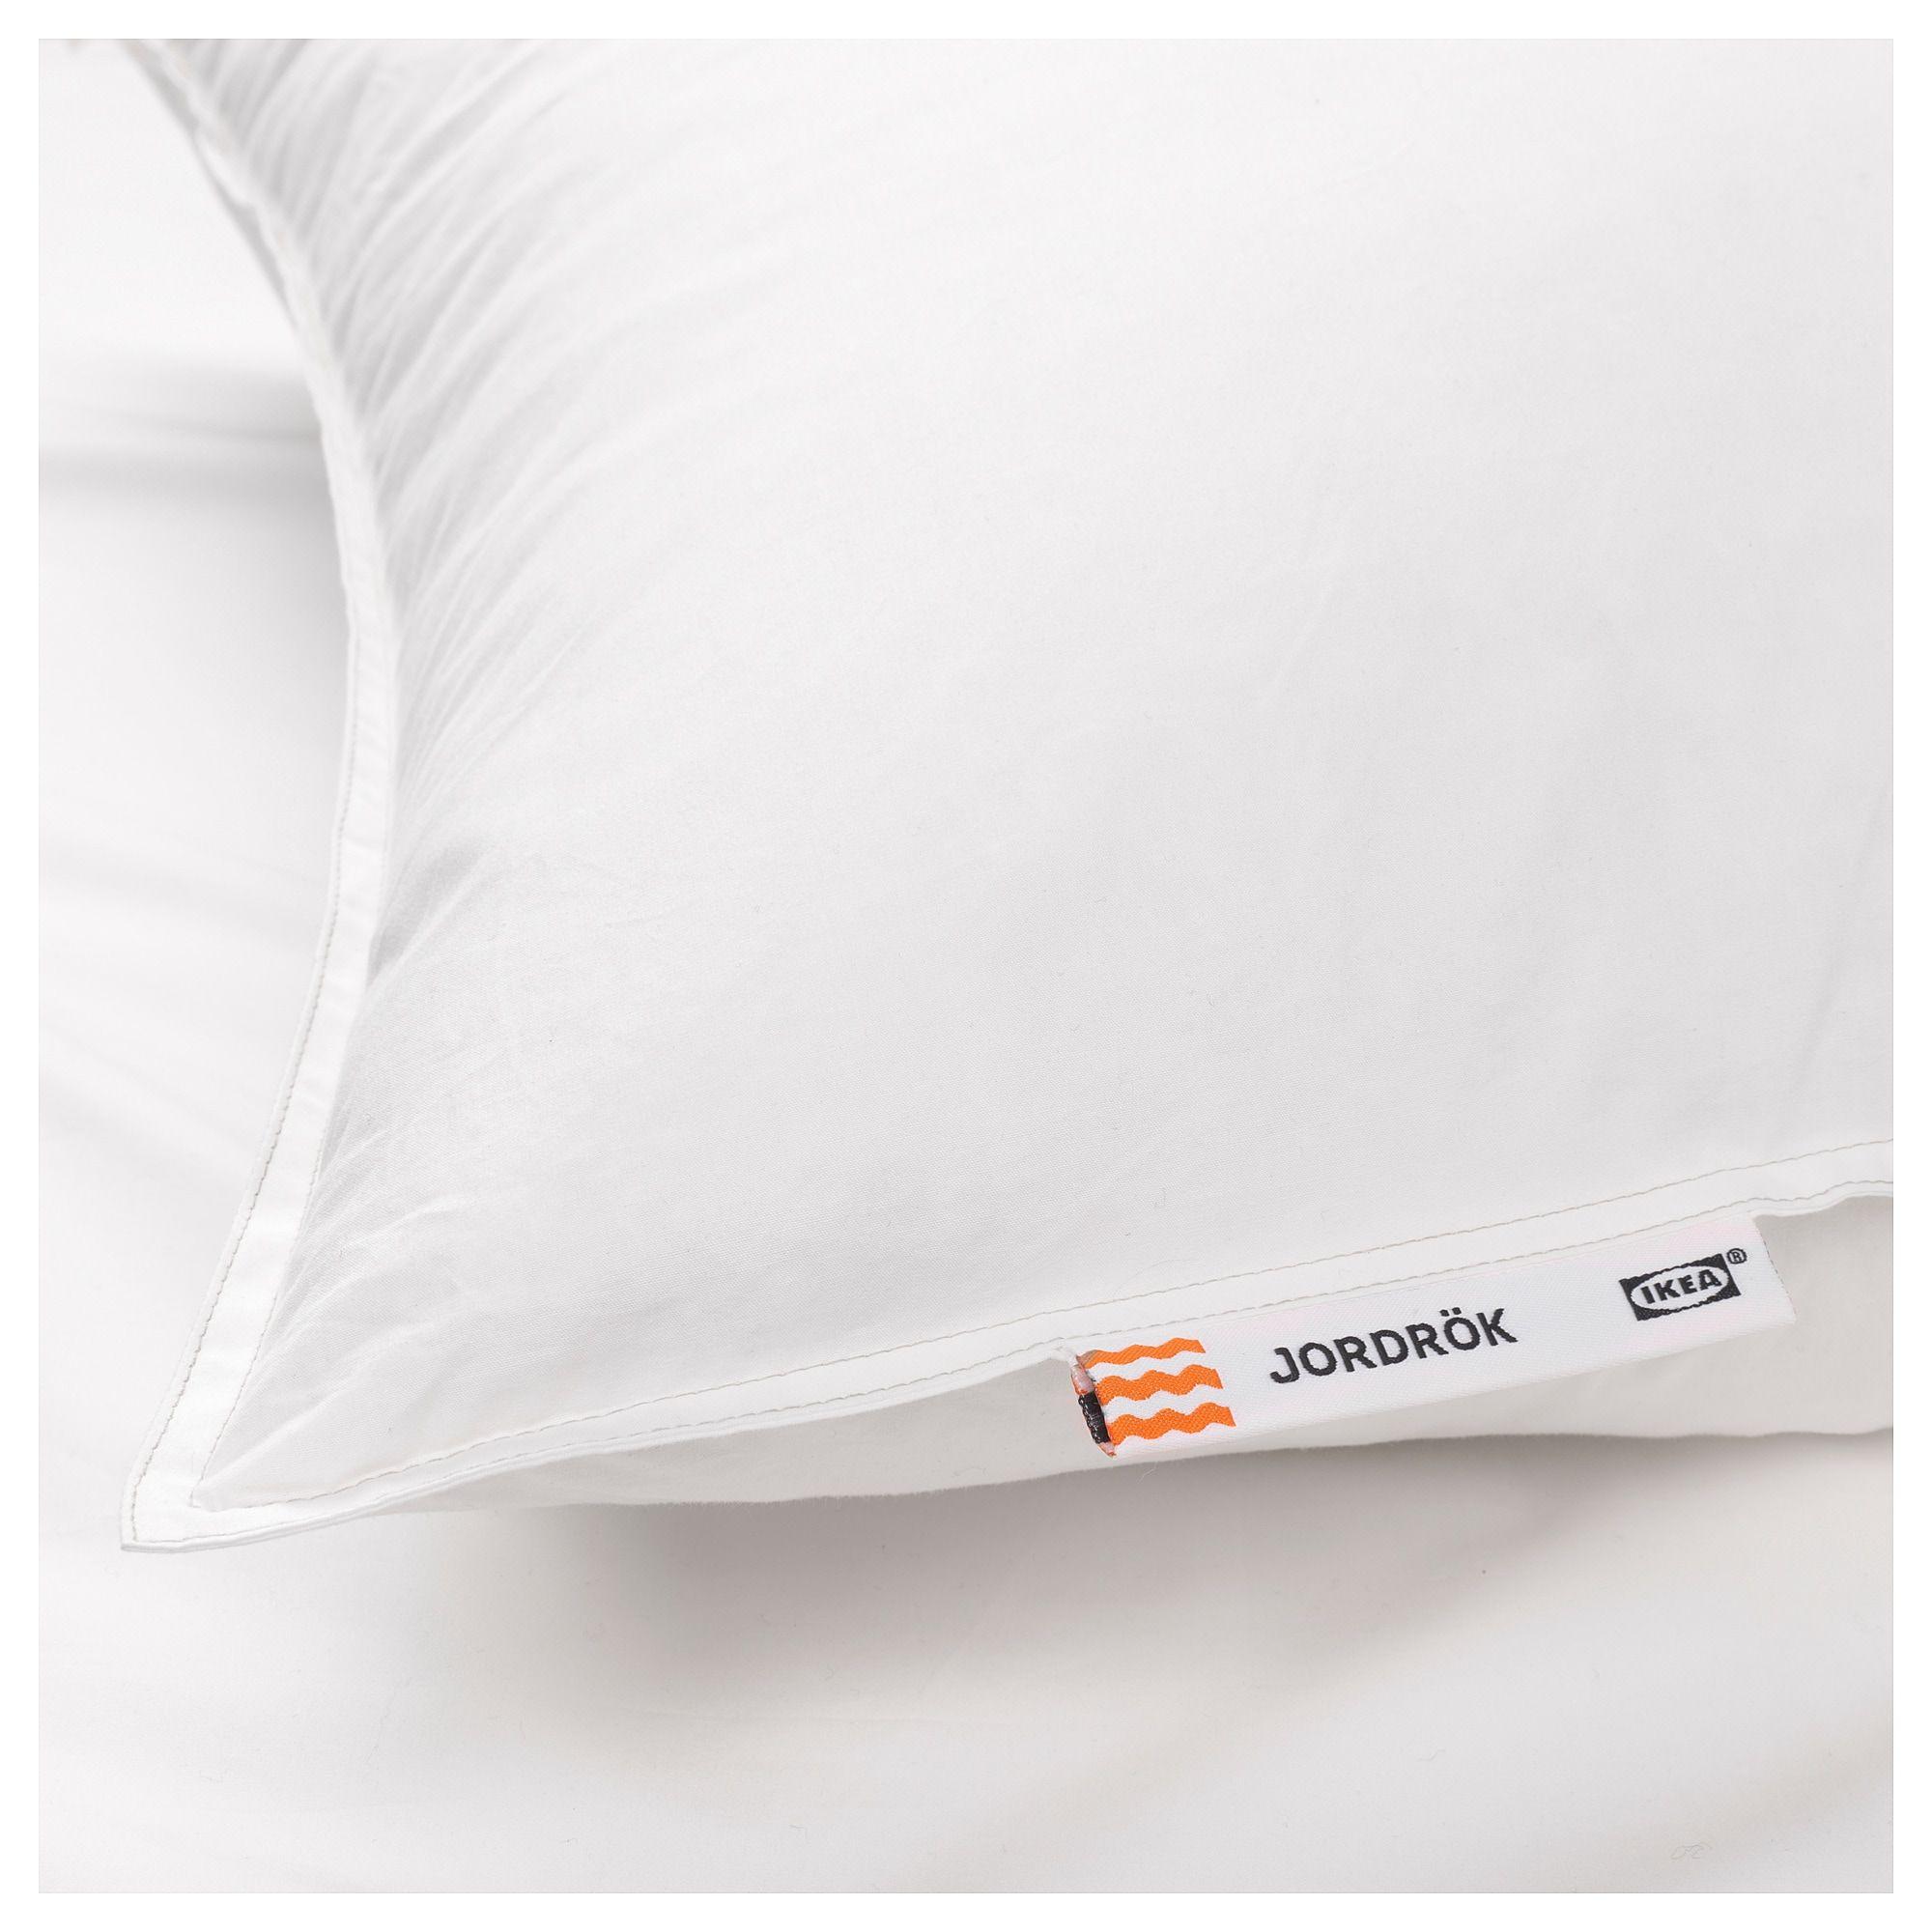 Jordrok Oreiller Souple Soft Pillows Pillows Ikea